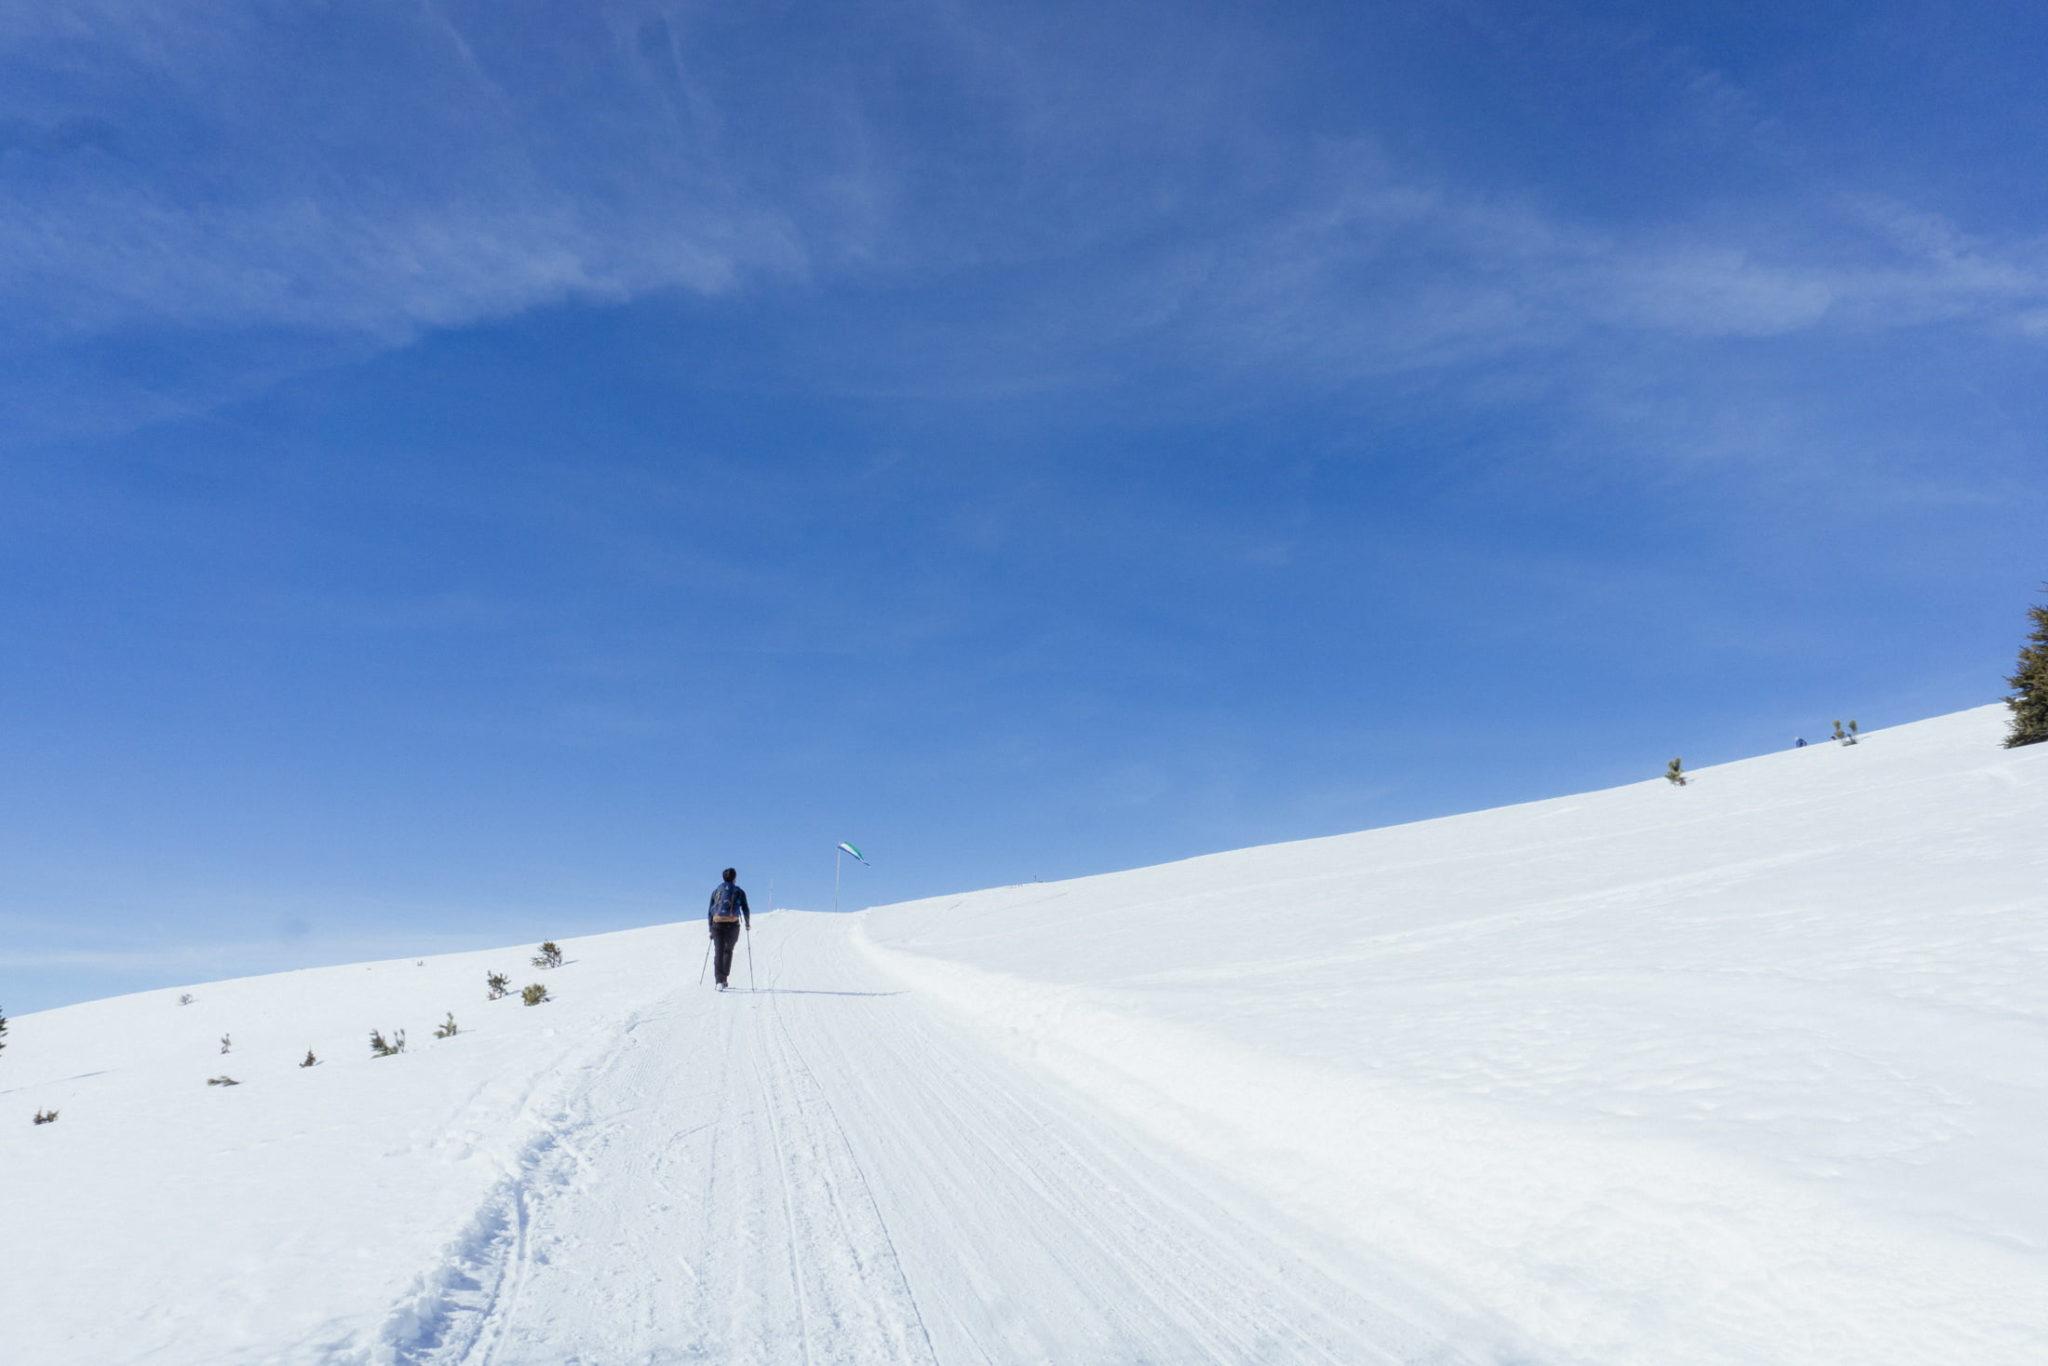 Escursione invernale al Rifugio Resciesa - Foto © Dolomiti Review